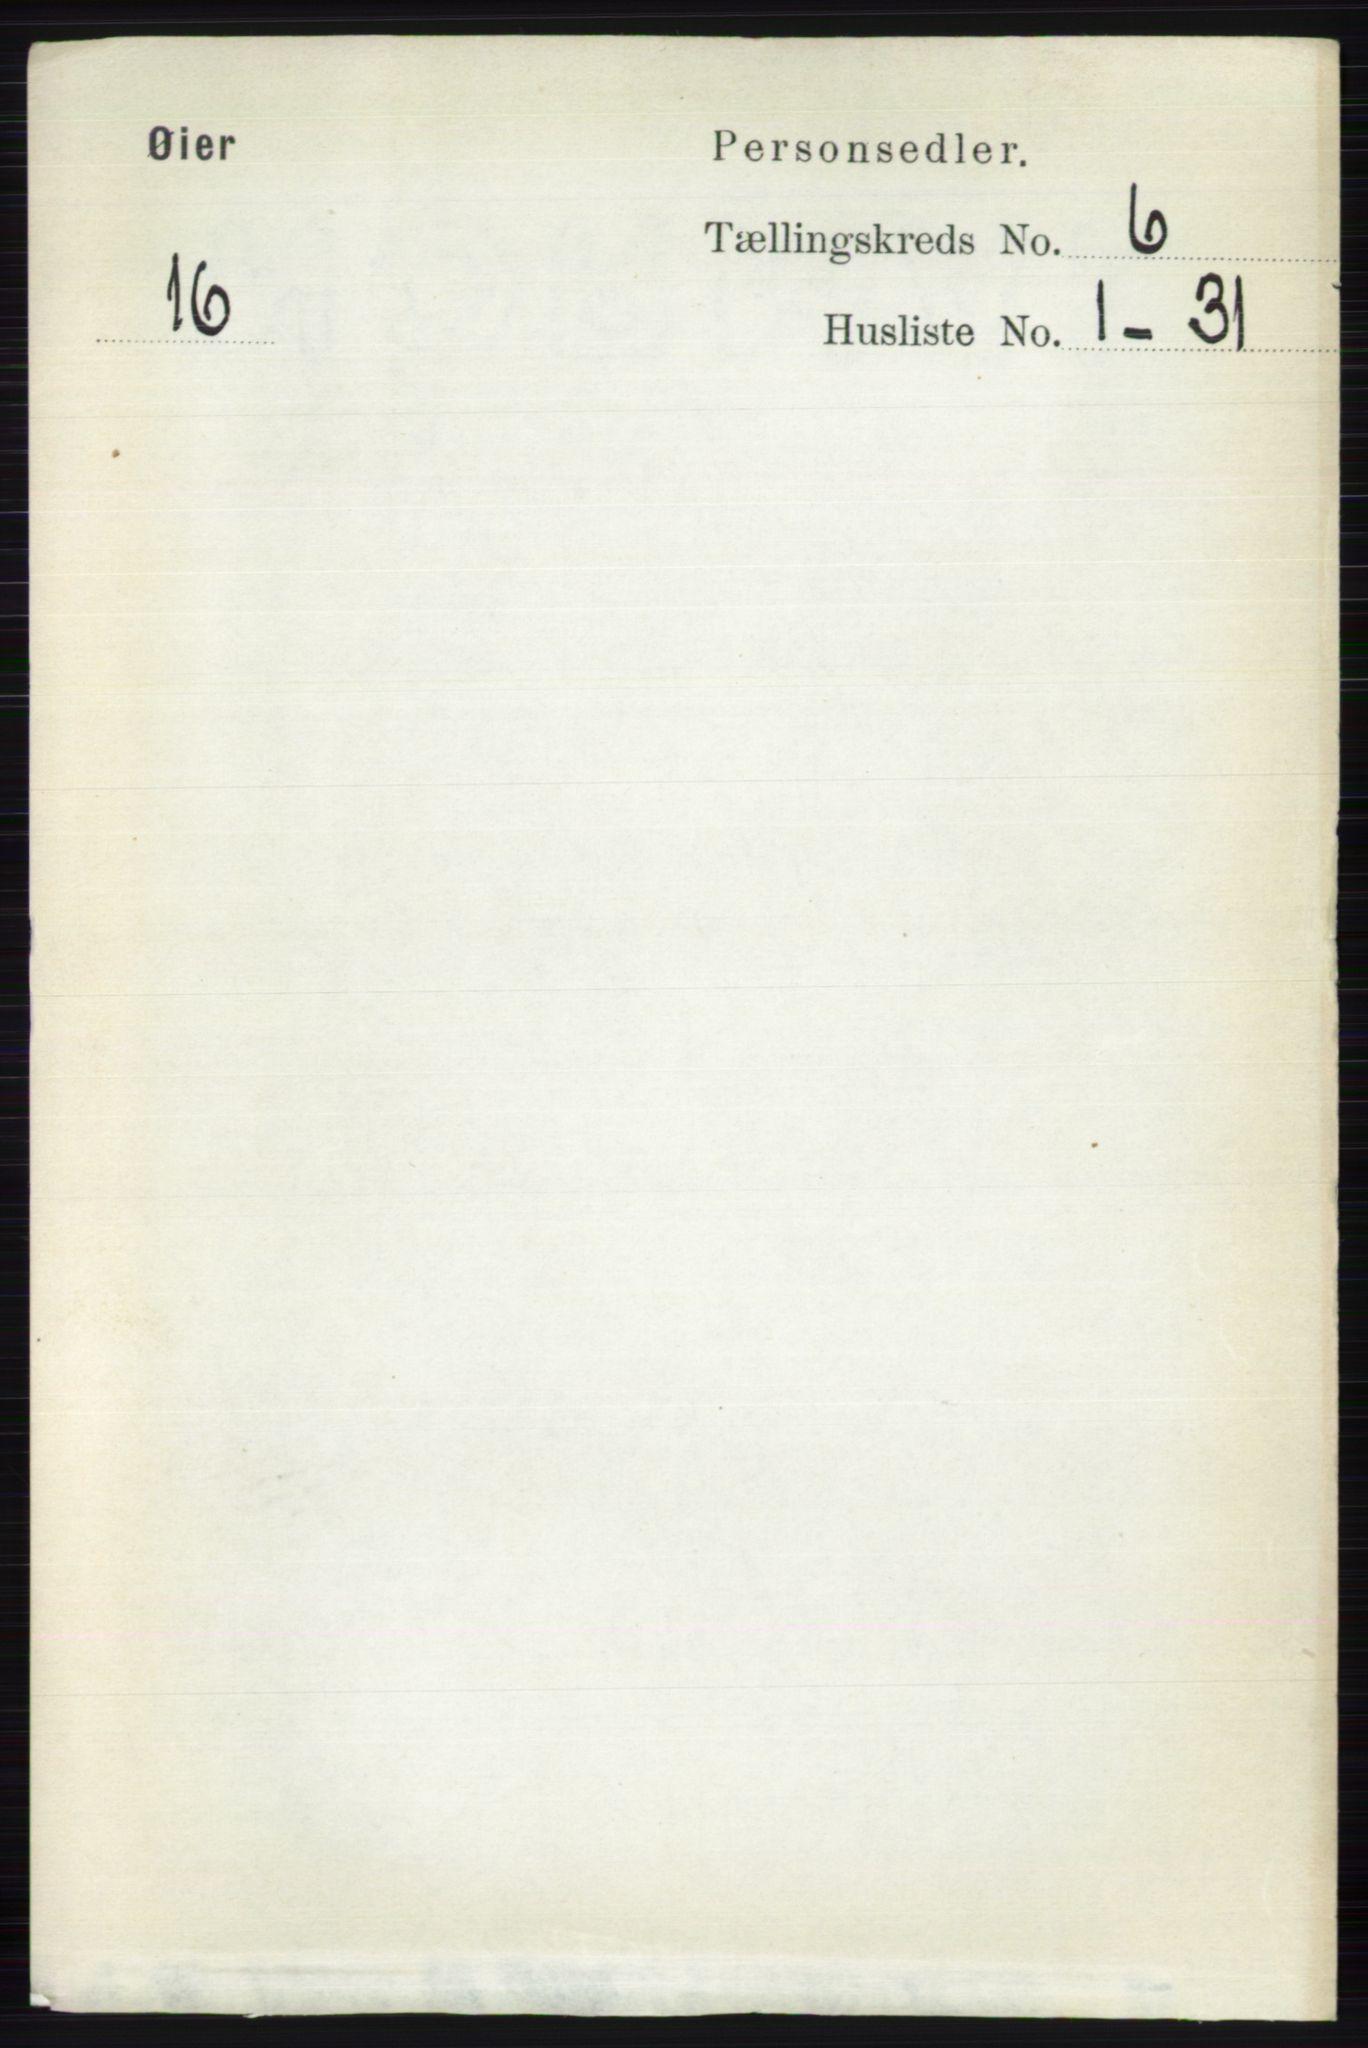 RA, Folketelling 1891 for 0521 Øyer herred, 1891, s. 2018